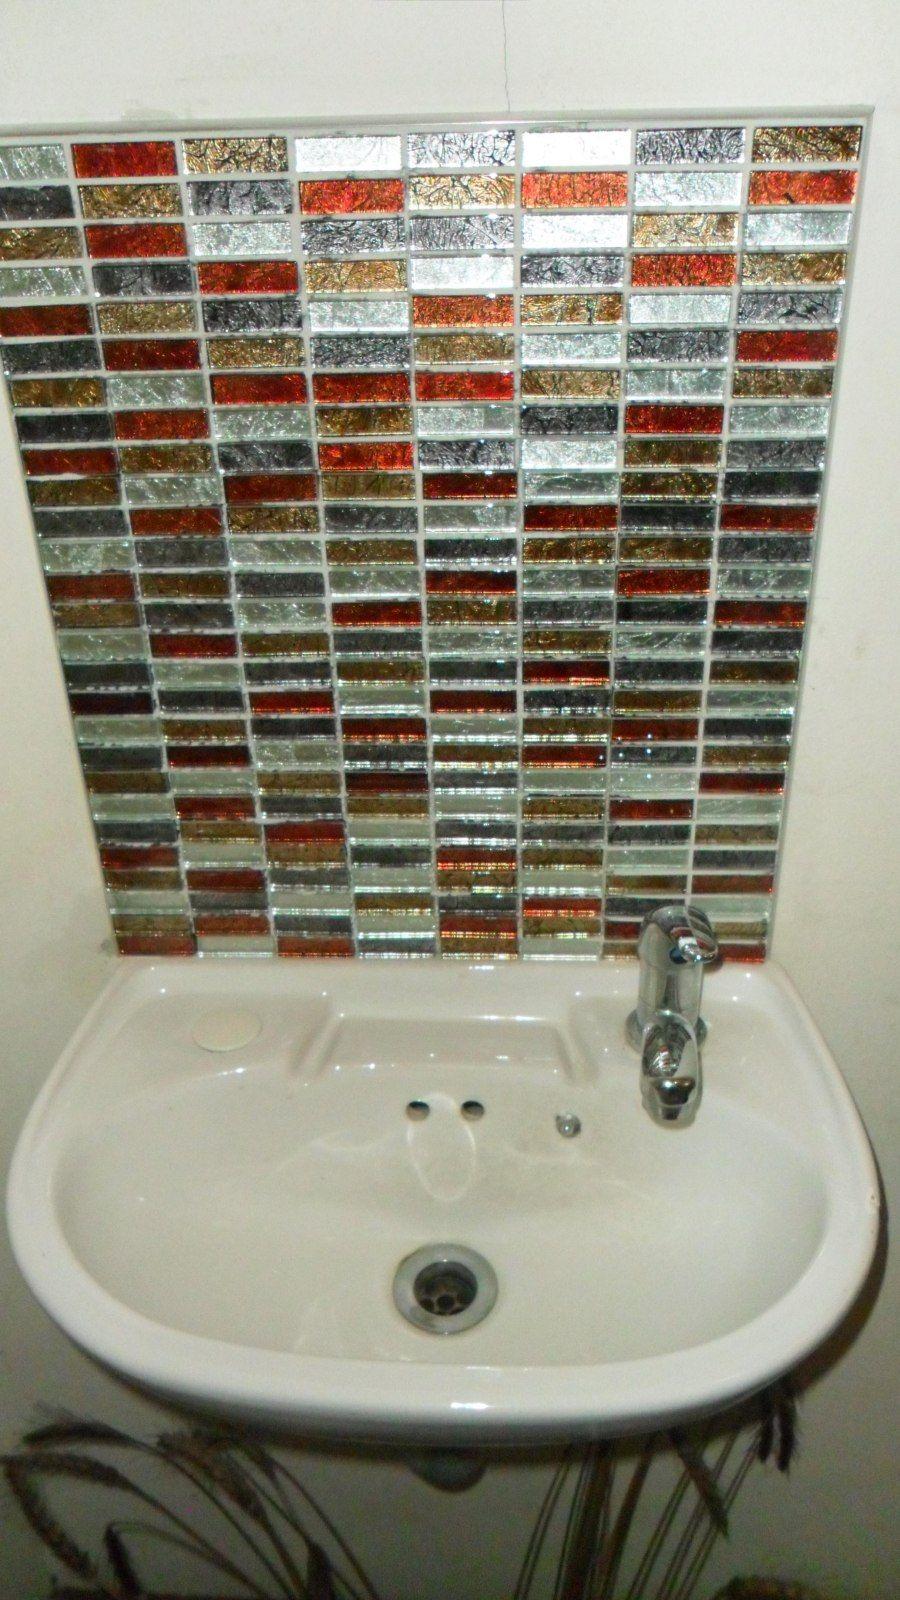 Glass splashbacks for bathroom sinks - I Used Mt0006 Hong Kong Autumn Mix Glass Mosaic Tiles For My Splashback